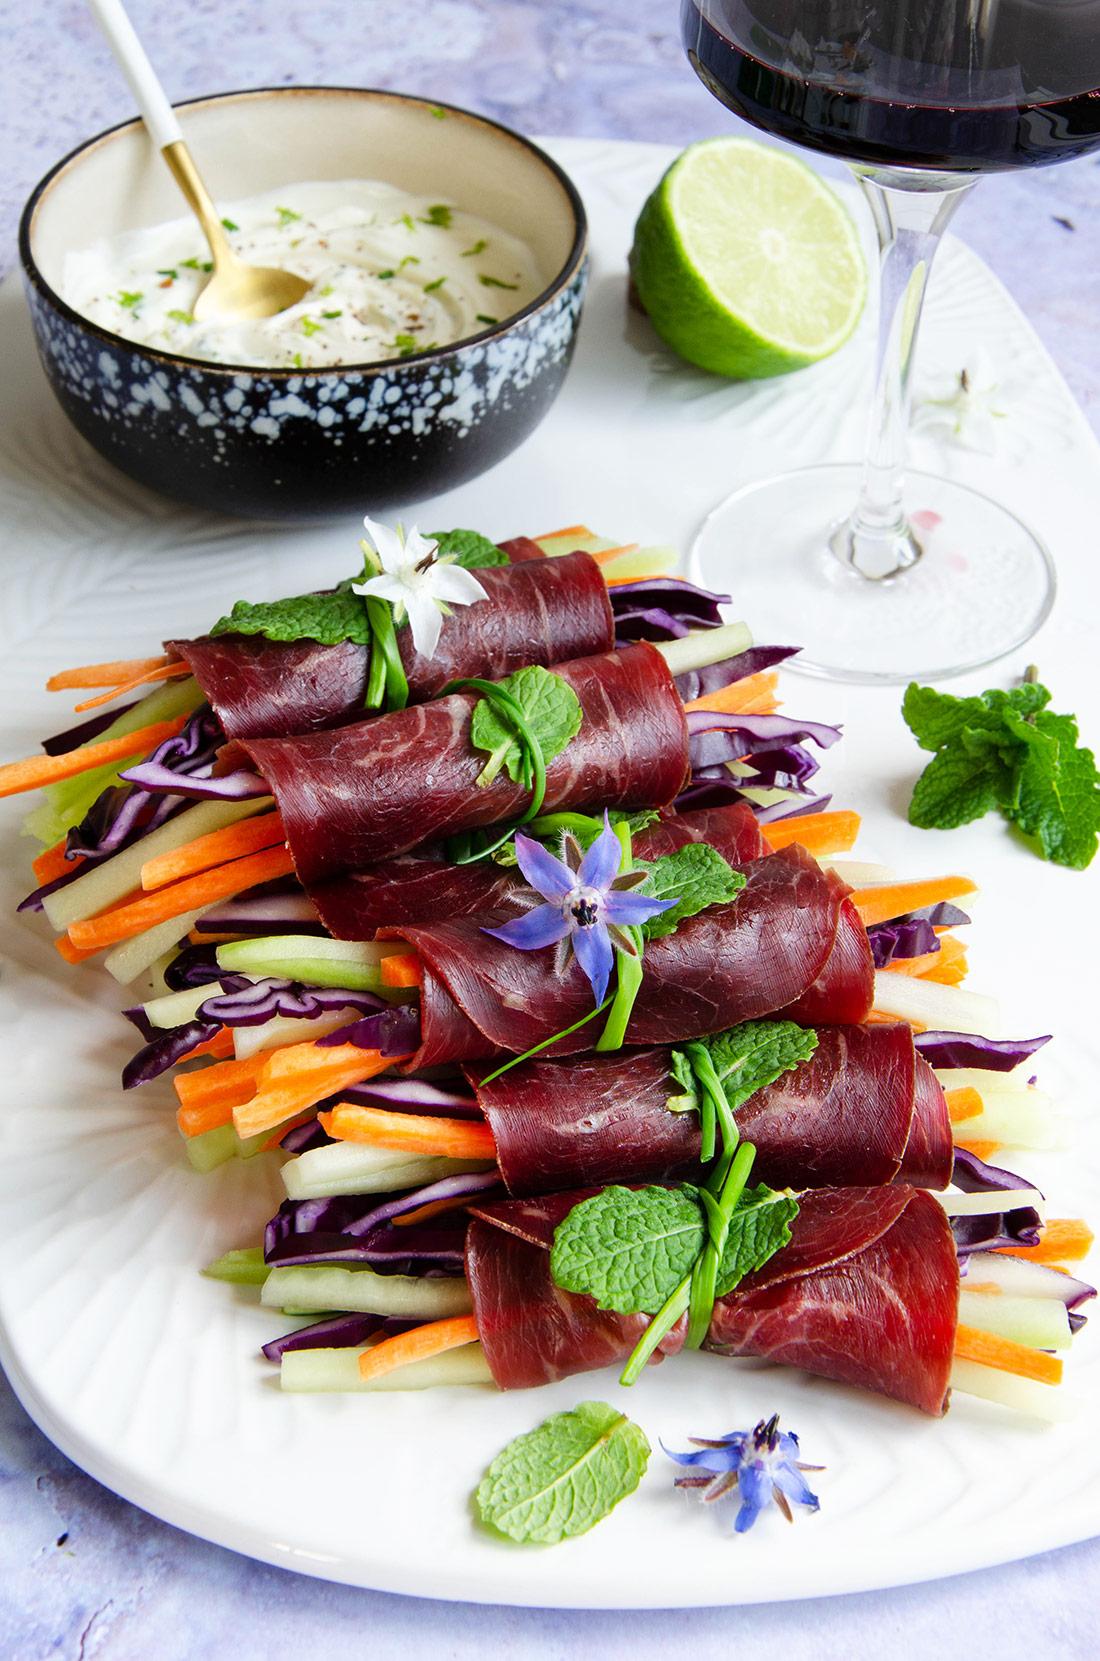 Rouleaux de boeuf séché aux légumes pour l'apéro